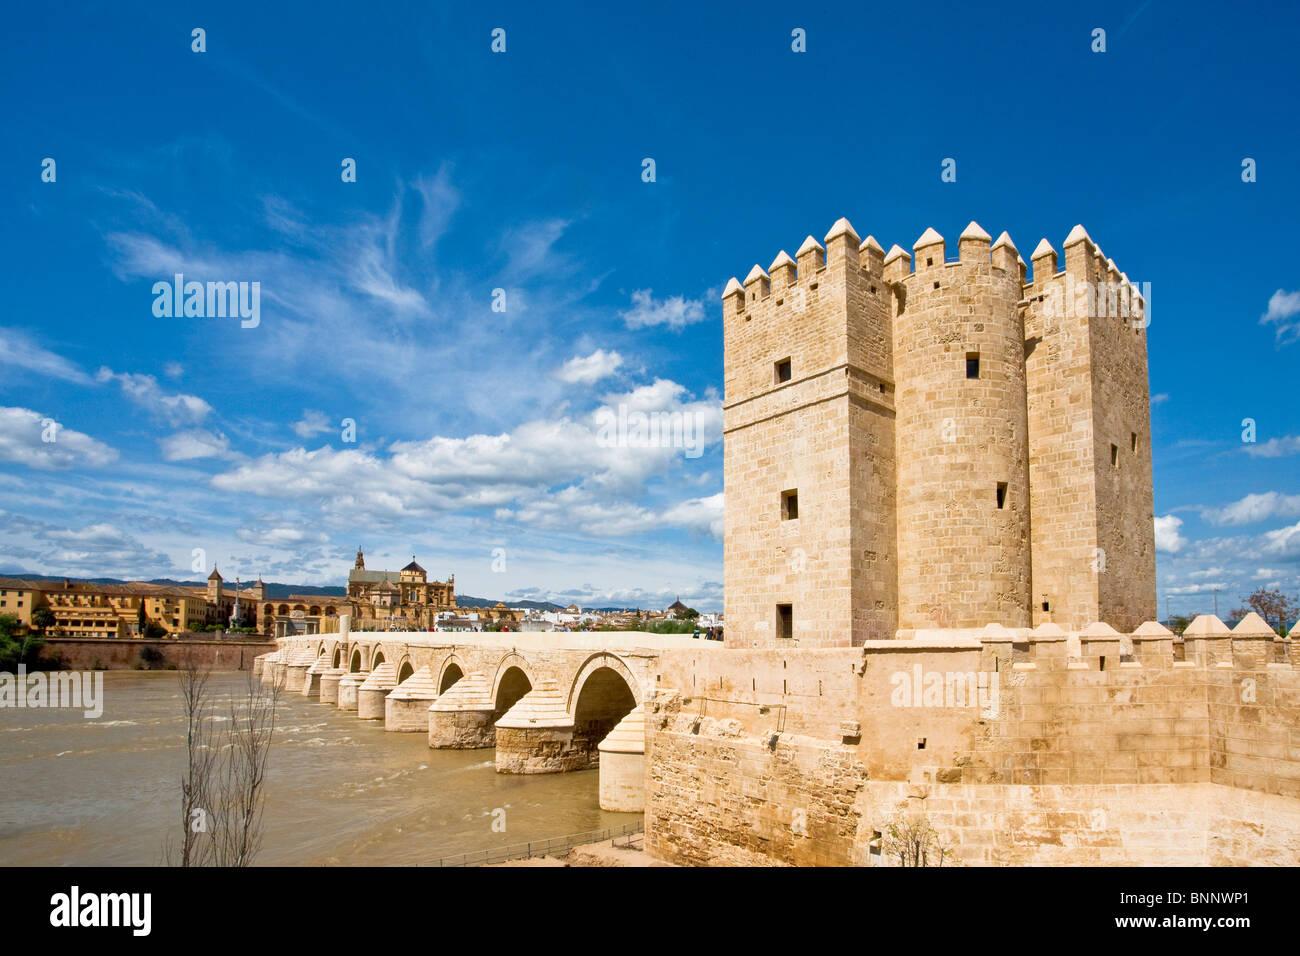 Andalousie Espagne bridge tour romane tour La Lalahorra tourisme voyage locations de vacances Photo Stock